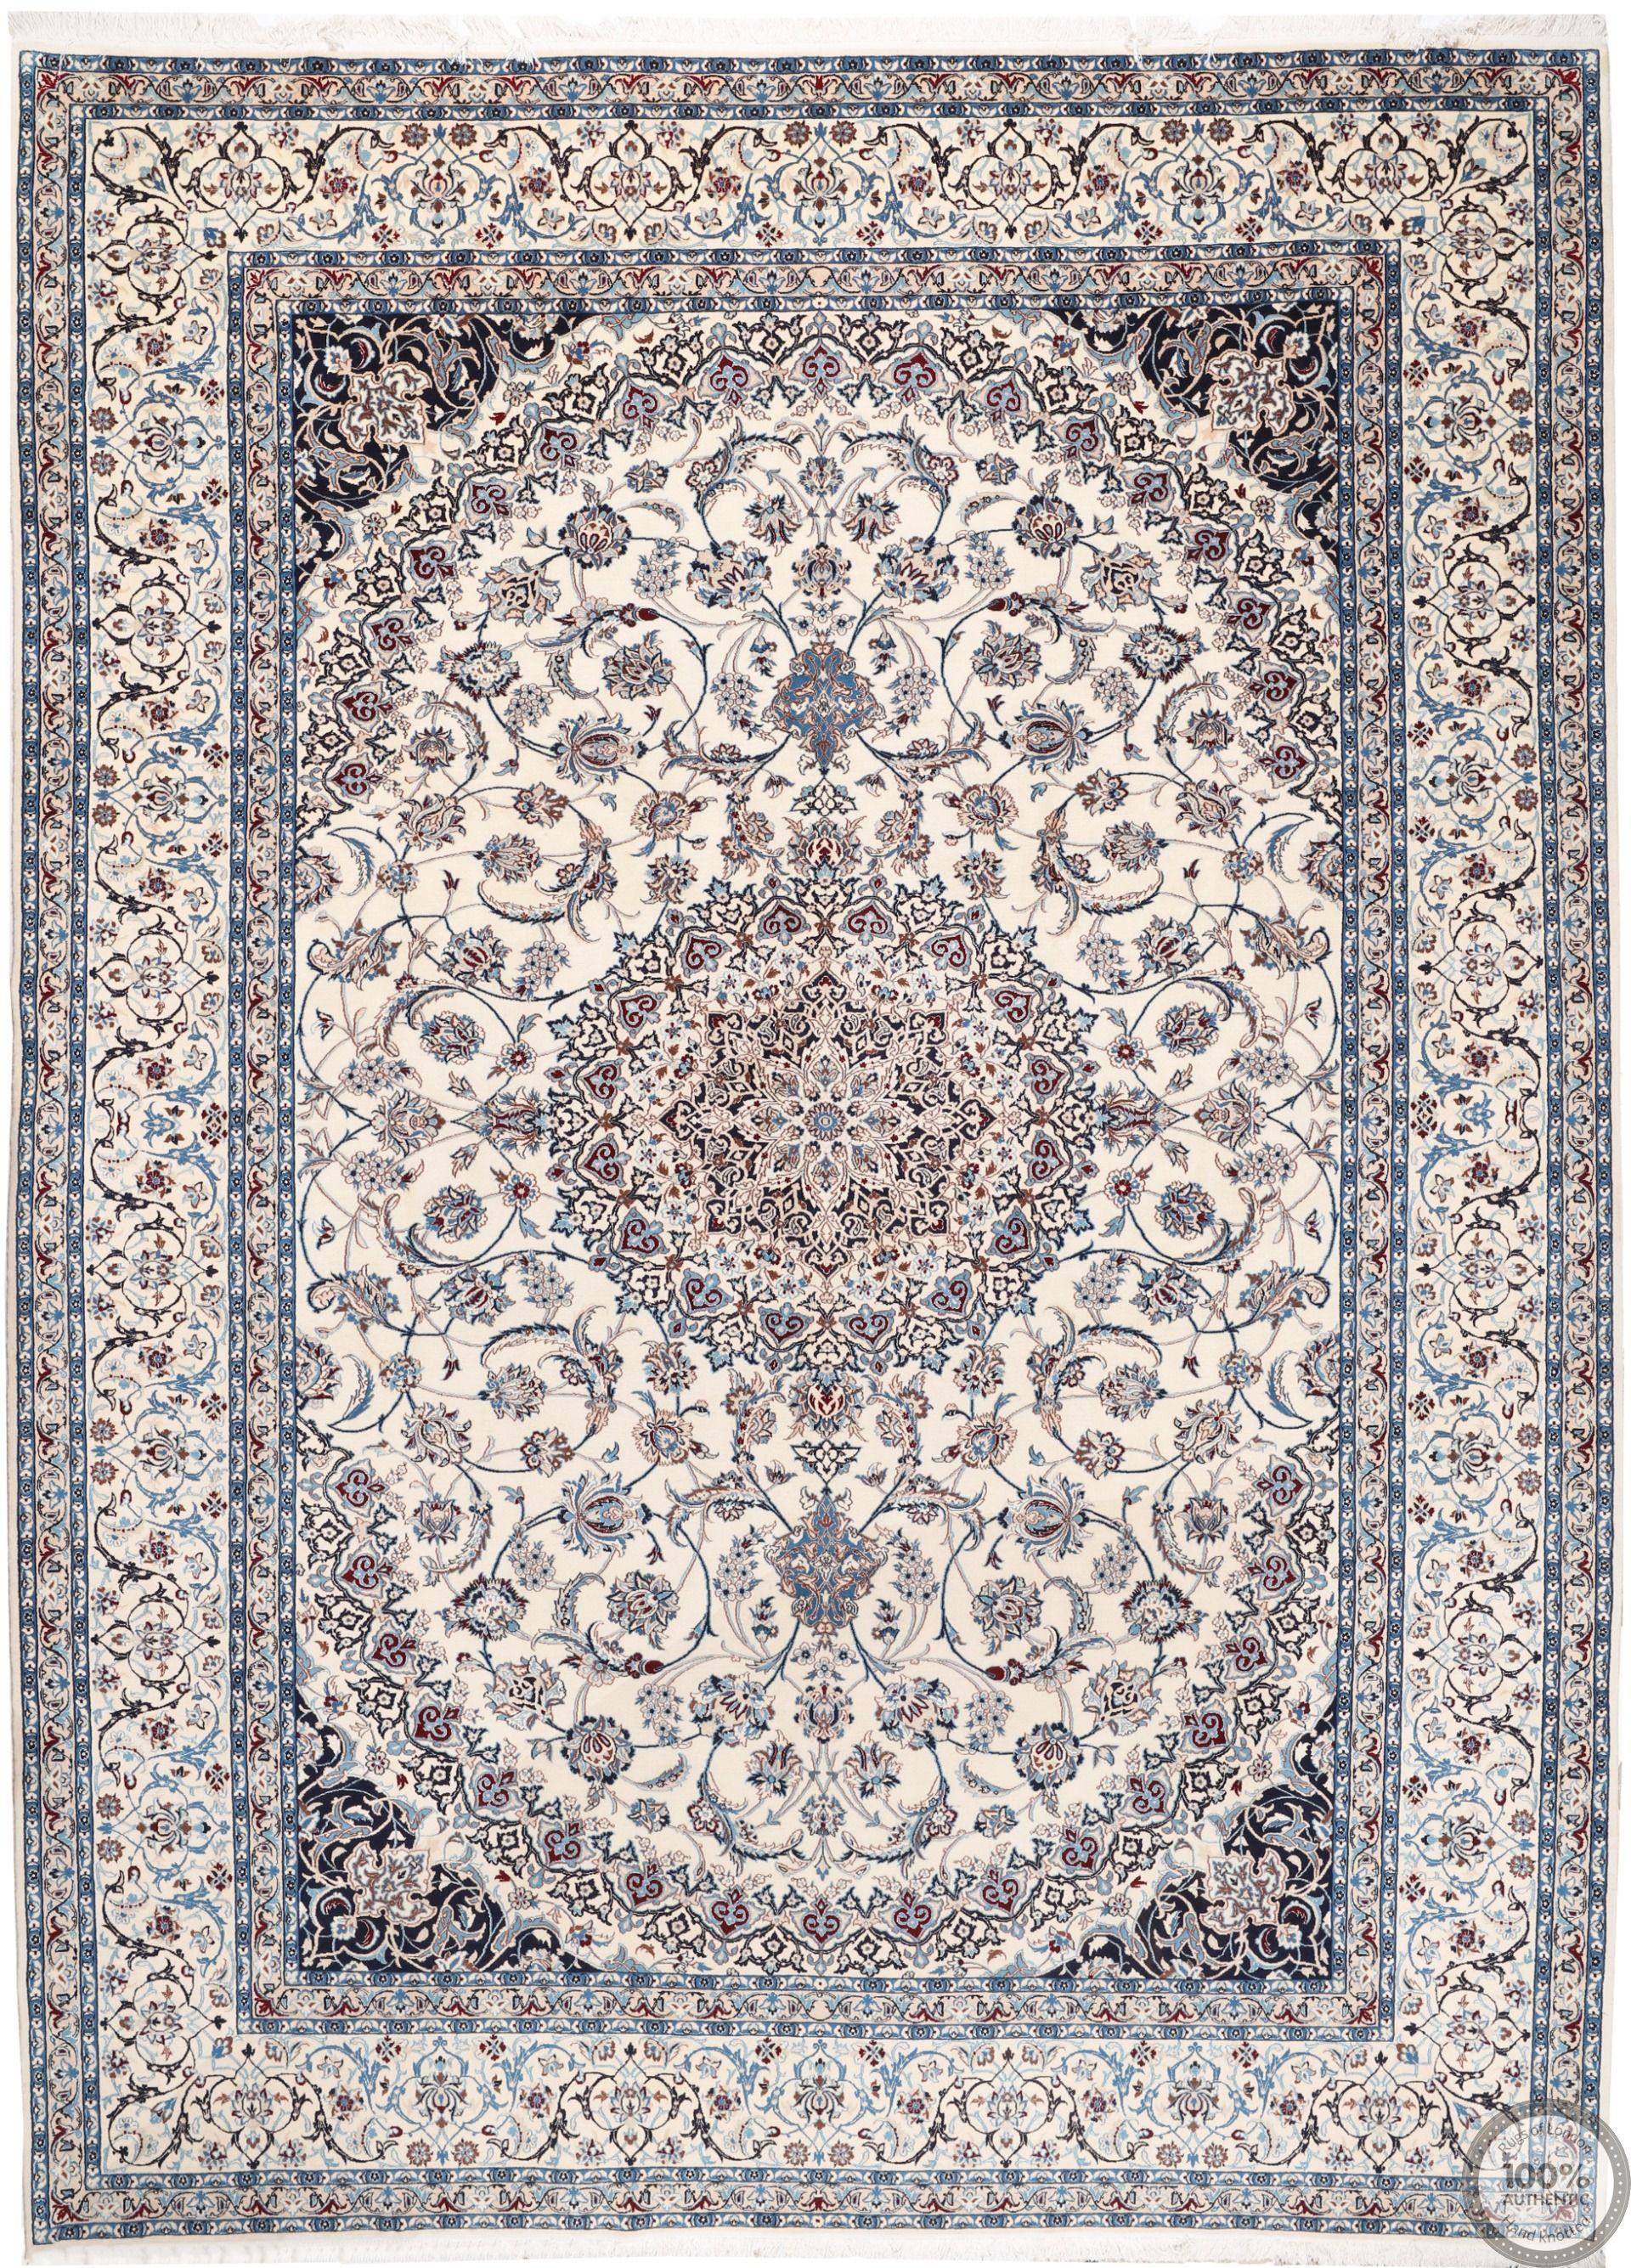 PERSIAN NAIN 9La RUG WITH SILK HIGHLIGHTS - 14'5 x 10'6